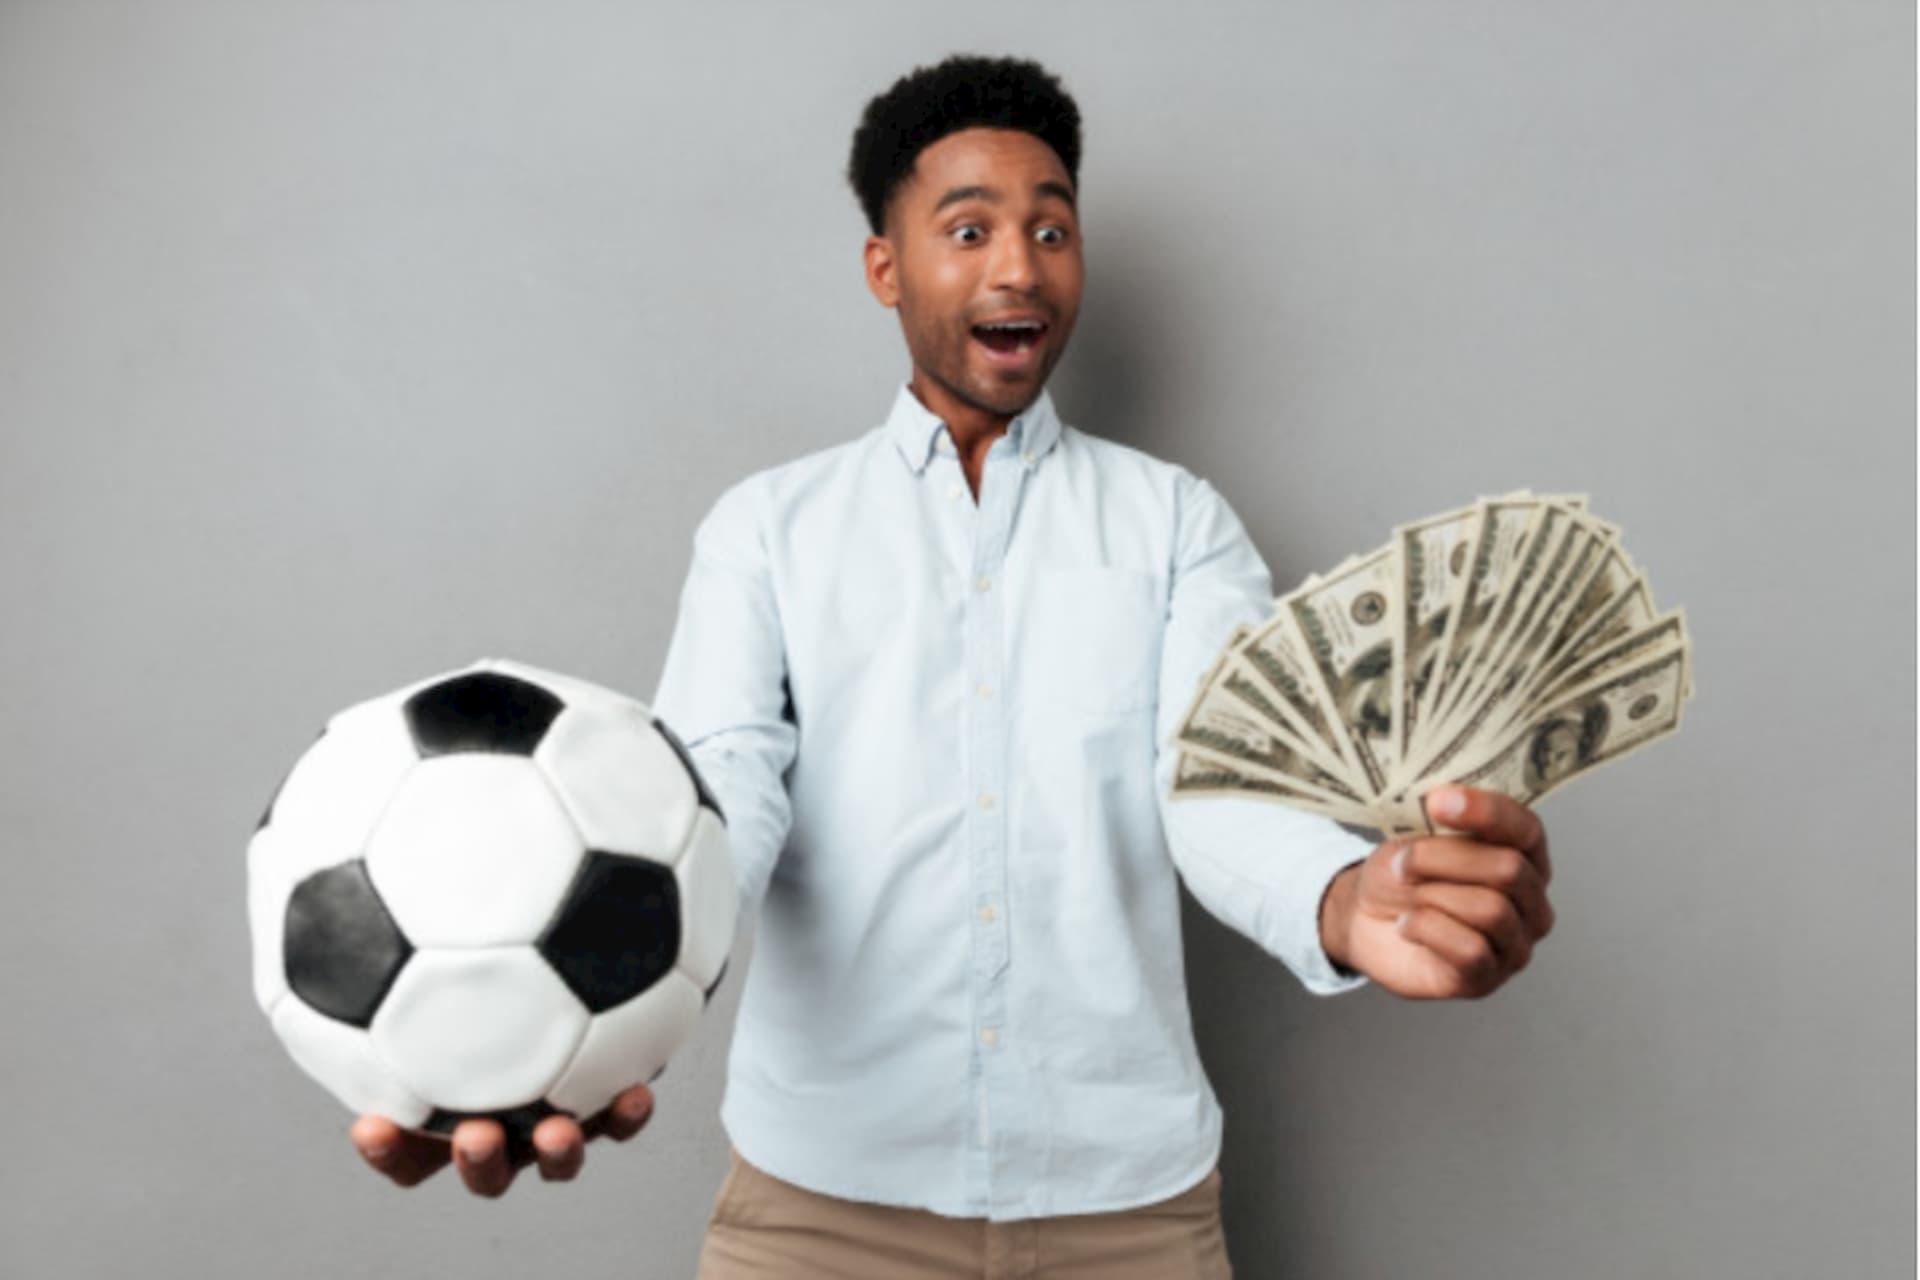 homem segurando um leque de notas e uma bola de futebol após